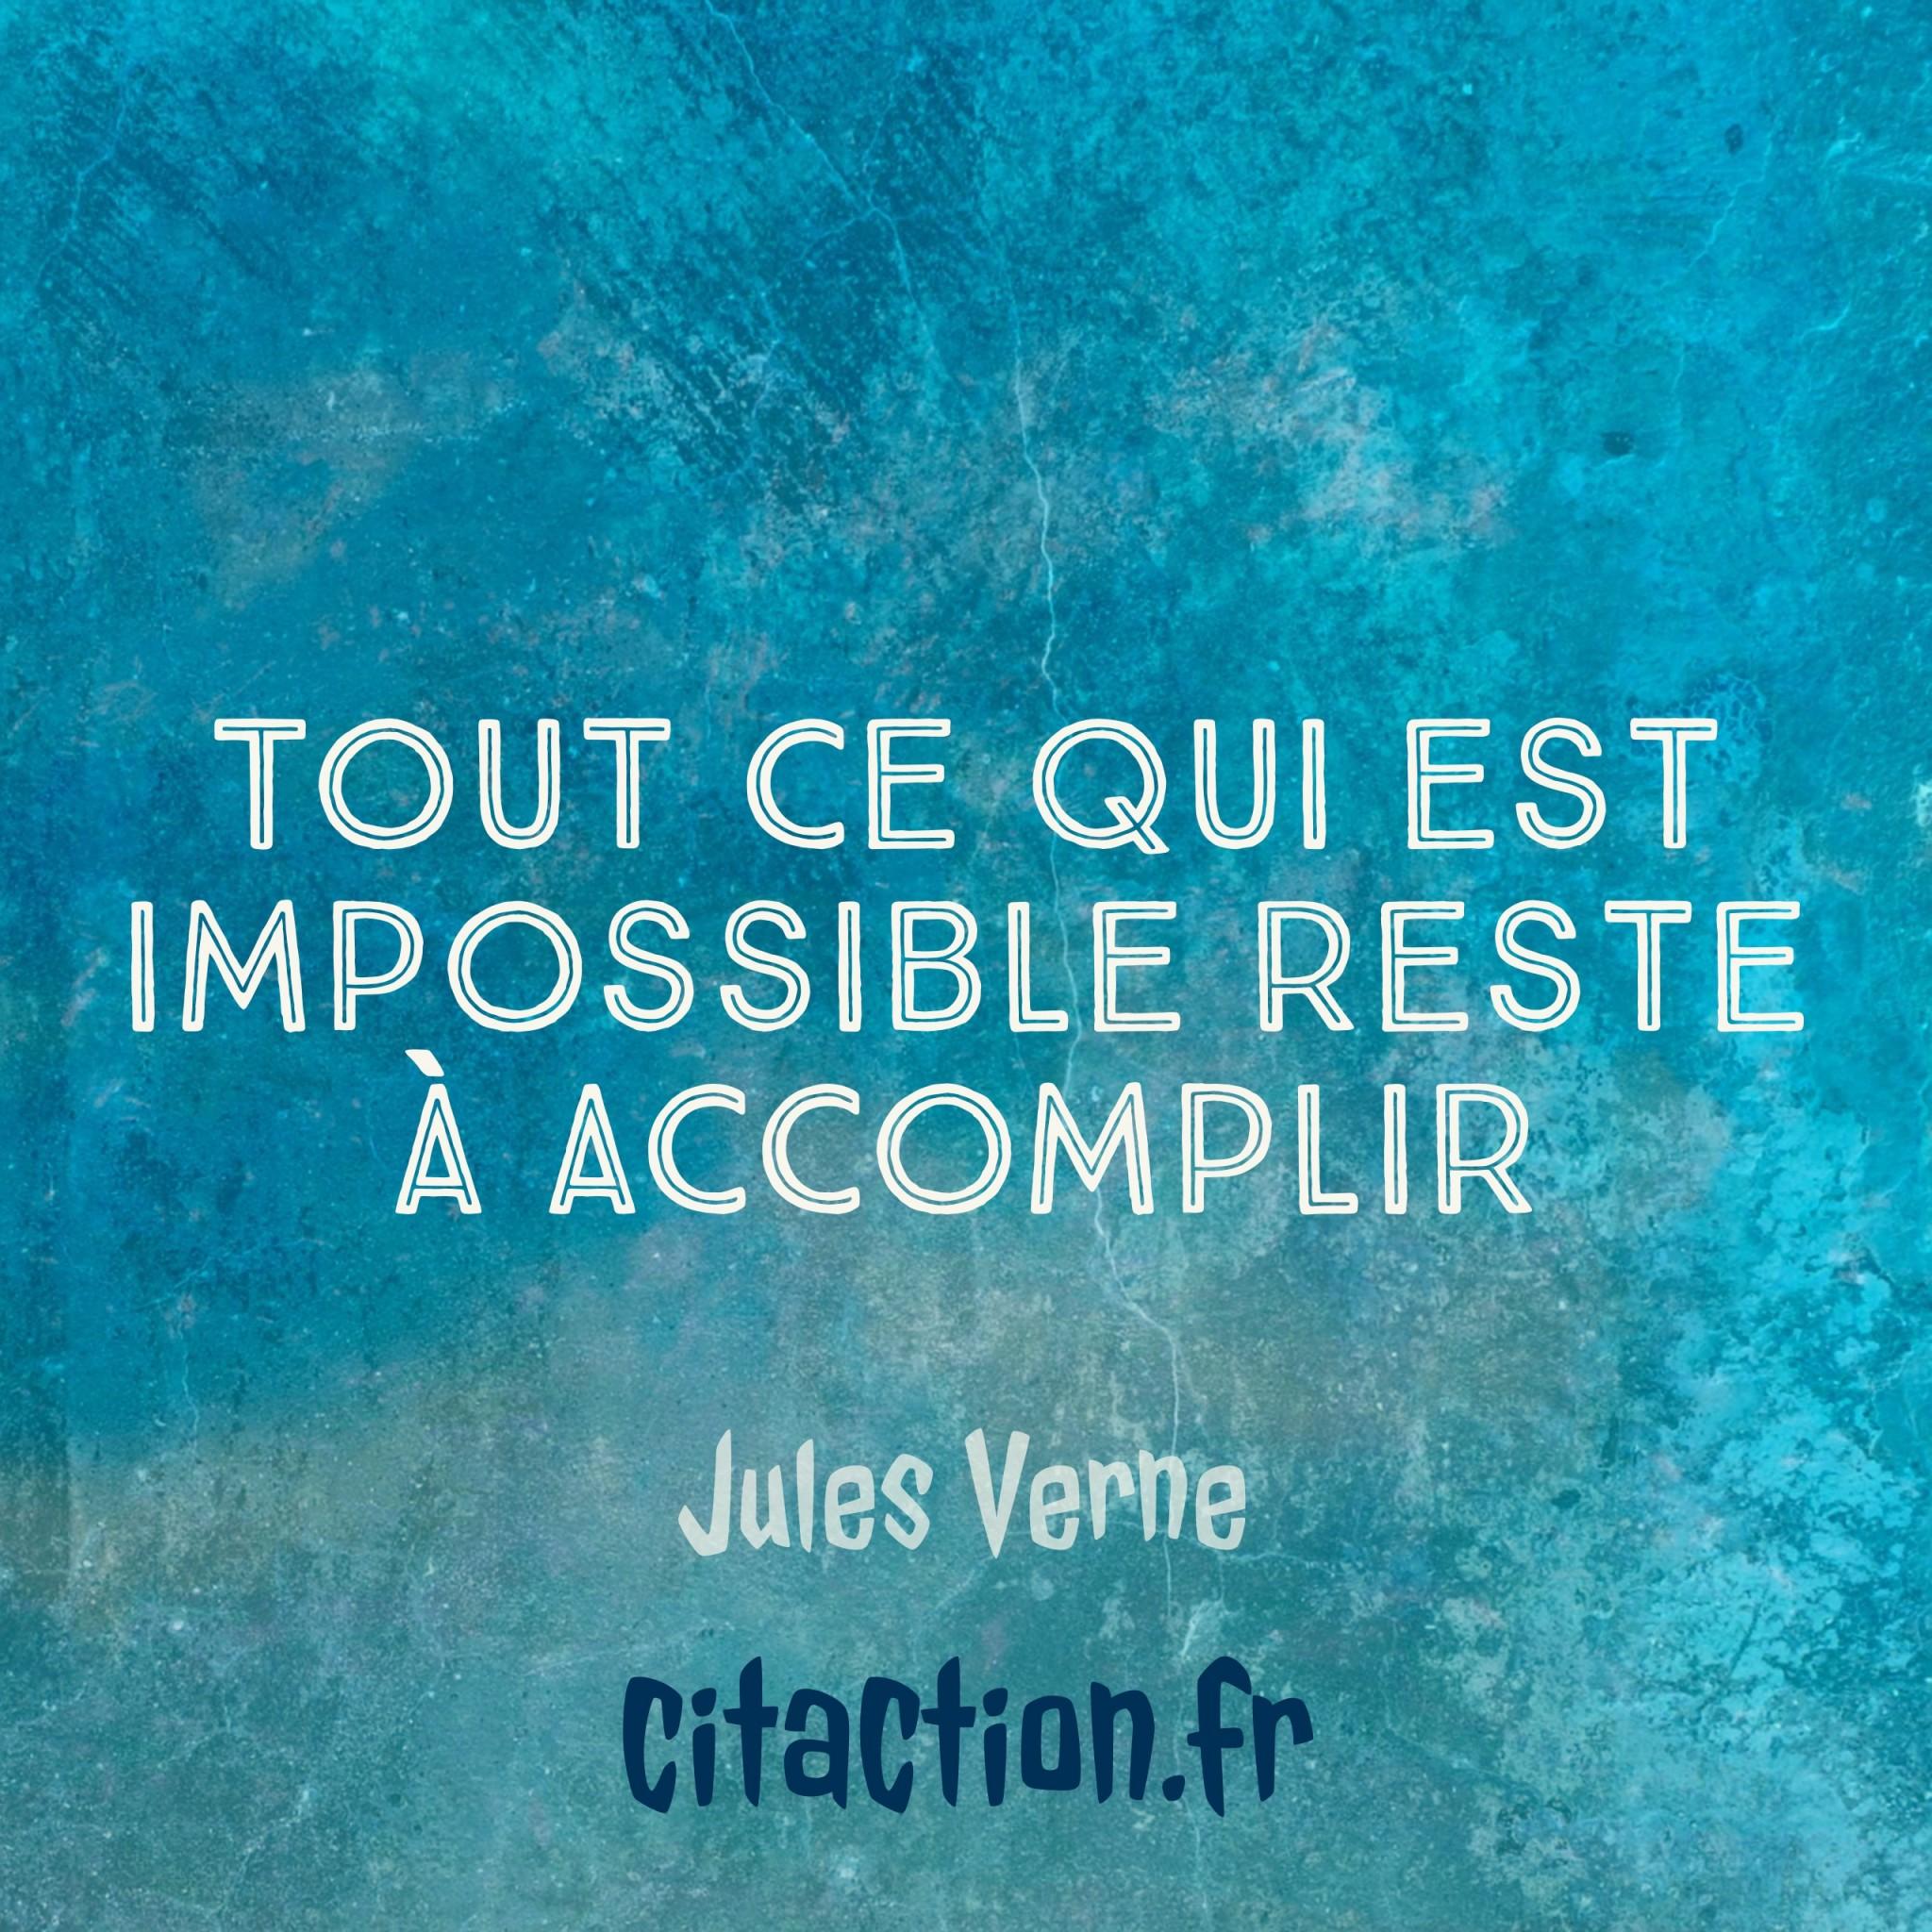 Tout ce qui est impossible reste à accomplir